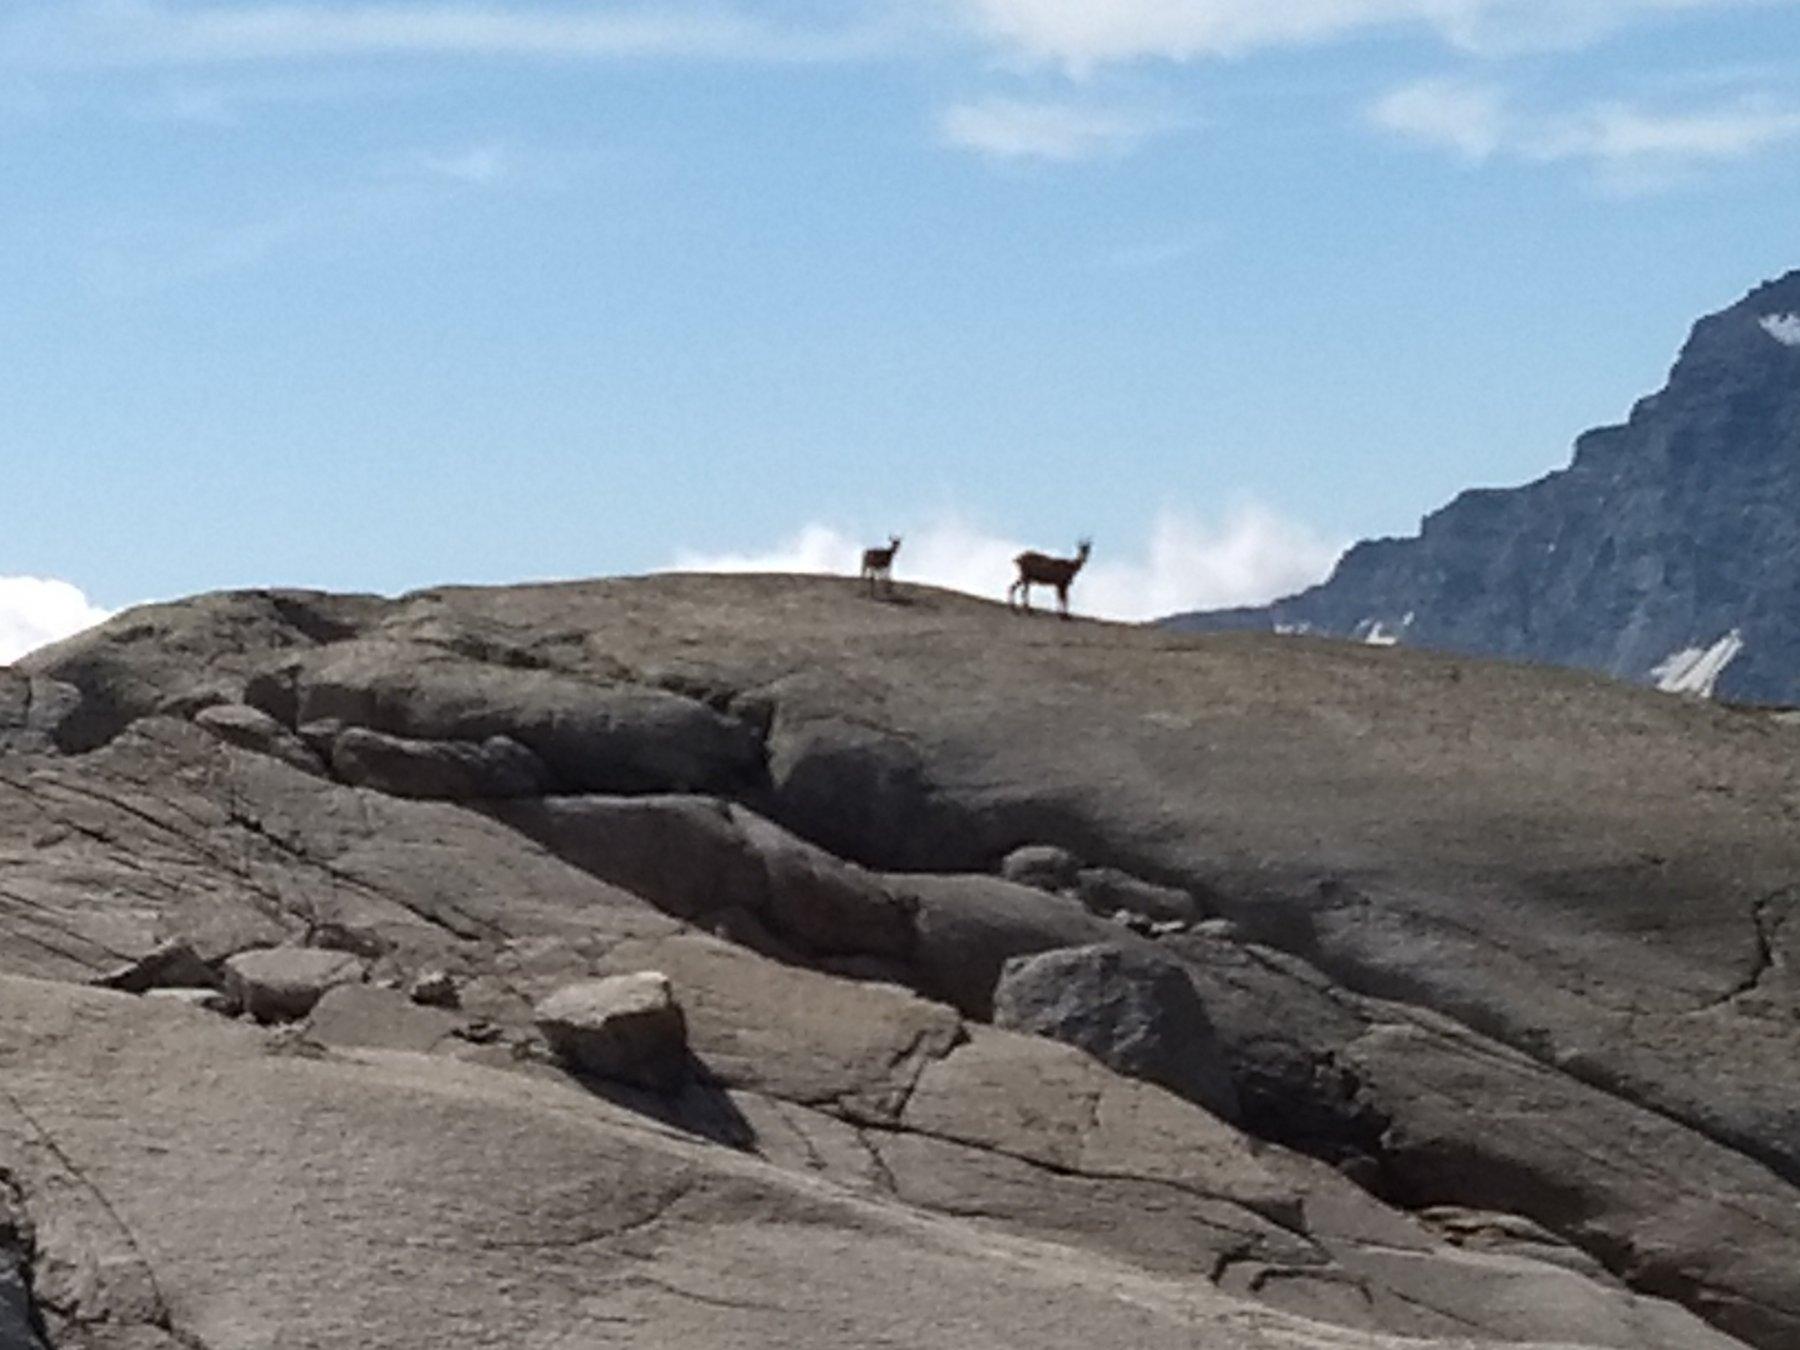 Camosci sulle rocce montonate